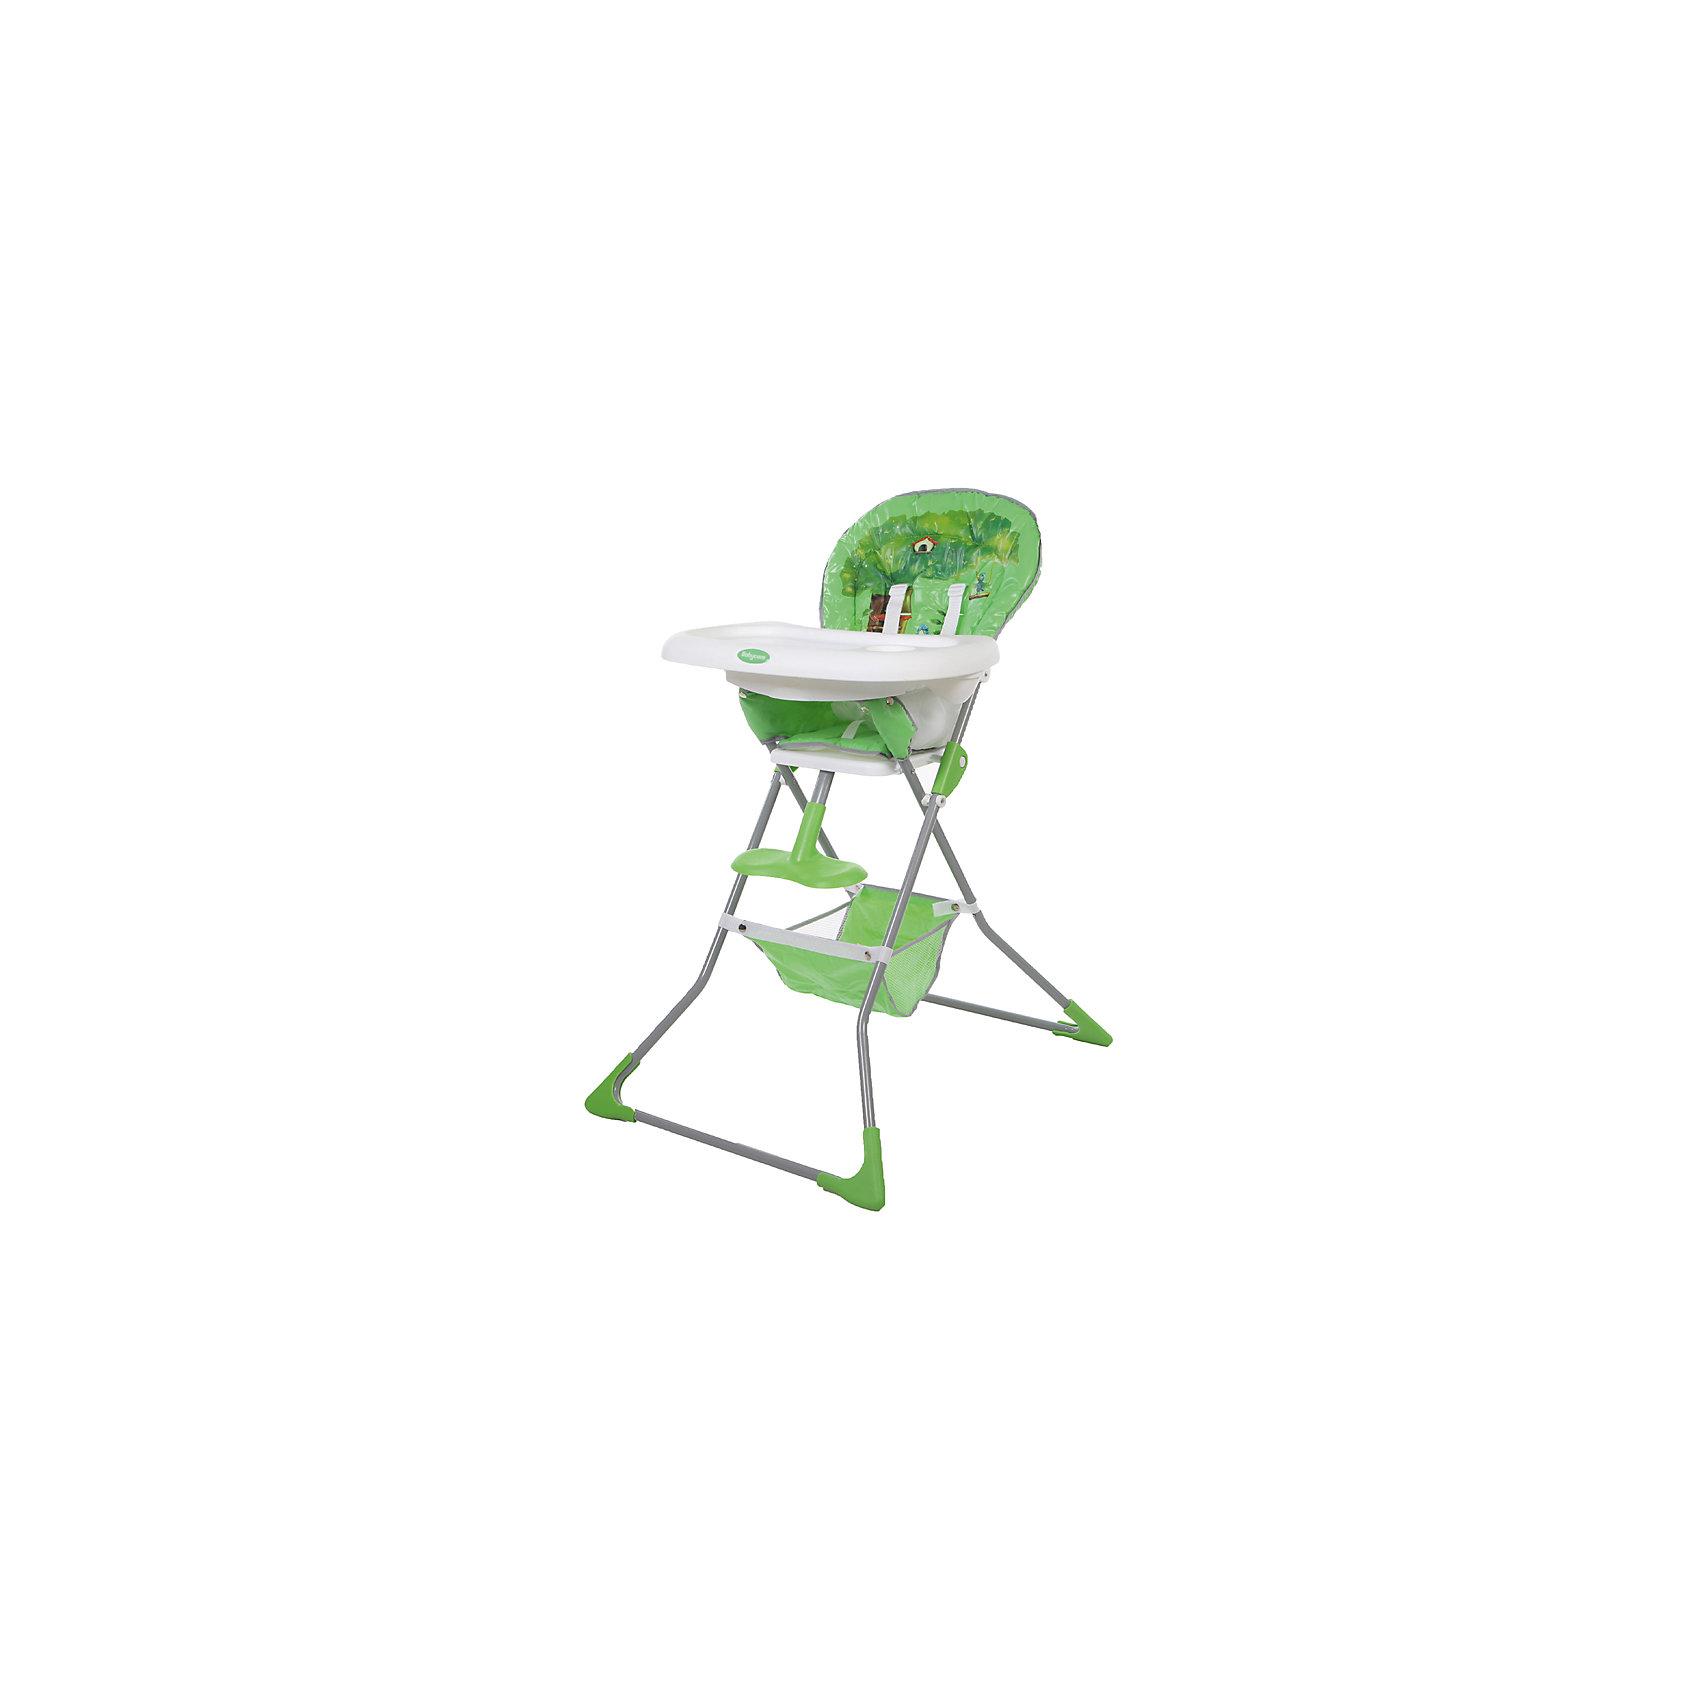 Стульчик для кормления Tea Time, Baby Care, зелёныйот +6 месяцев<br>Характеристики товара:<br><br>• возраст от 6 месяцев;<br>• материал сидения: ПВХ;<br>• регулировка глубины столешницы в 3 положениях;<br>• регулируемая пластиковая подножка;<br>• 5-ти точечные ремни безопасности;<br>• дополнительный пластиковый разделитель между ножек;<br>• под сидением корзина для вещей и игрушек;<br>• съёмный чехол<br>• стоит самостоятельно в сложенном виде.<br><br>Стульчик для кормления Baby Care Tea Time — практичный и удобный стульчик для приучения малыша кушать самостоятельно. Сидение изготовлено из мягкой ткани. Чехол по мере загрязнения снимается и стирается. В стульчика малыша удерживают 5-ти точечные ремни безопасности. Для комфортной посадки предусмотрена пластиковая регулируемая подножка. Под сидением расположена сетчатая корзинка для детских игрушек, салфеток, полотенец.<br><br>Размер стульчика в разложенном виде 64х76х101 см<br>Размер стульчика в сложенном виде 64х13х124 см<br>Ширина сидения 29 см<br>Вес стульчика 5,1 кг<br>Размер упаковки 64х38х20 см<br>Вес упаковки 6,1 кг<br><br>Стульчик для кормления Baby Care Tea Time зеленый можно приобрести в нашем интернет-магазине.<br><br>Ширина мм: 640<br>Глубина мм: 380<br>Высота мм: 200<br>Вес г: 6100<br>Возраст от месяцев: 6<br>Возраст до месяцев: 36<br>Пол: Унисекс<br>Возраст: Детский<br>SKU: 5493360